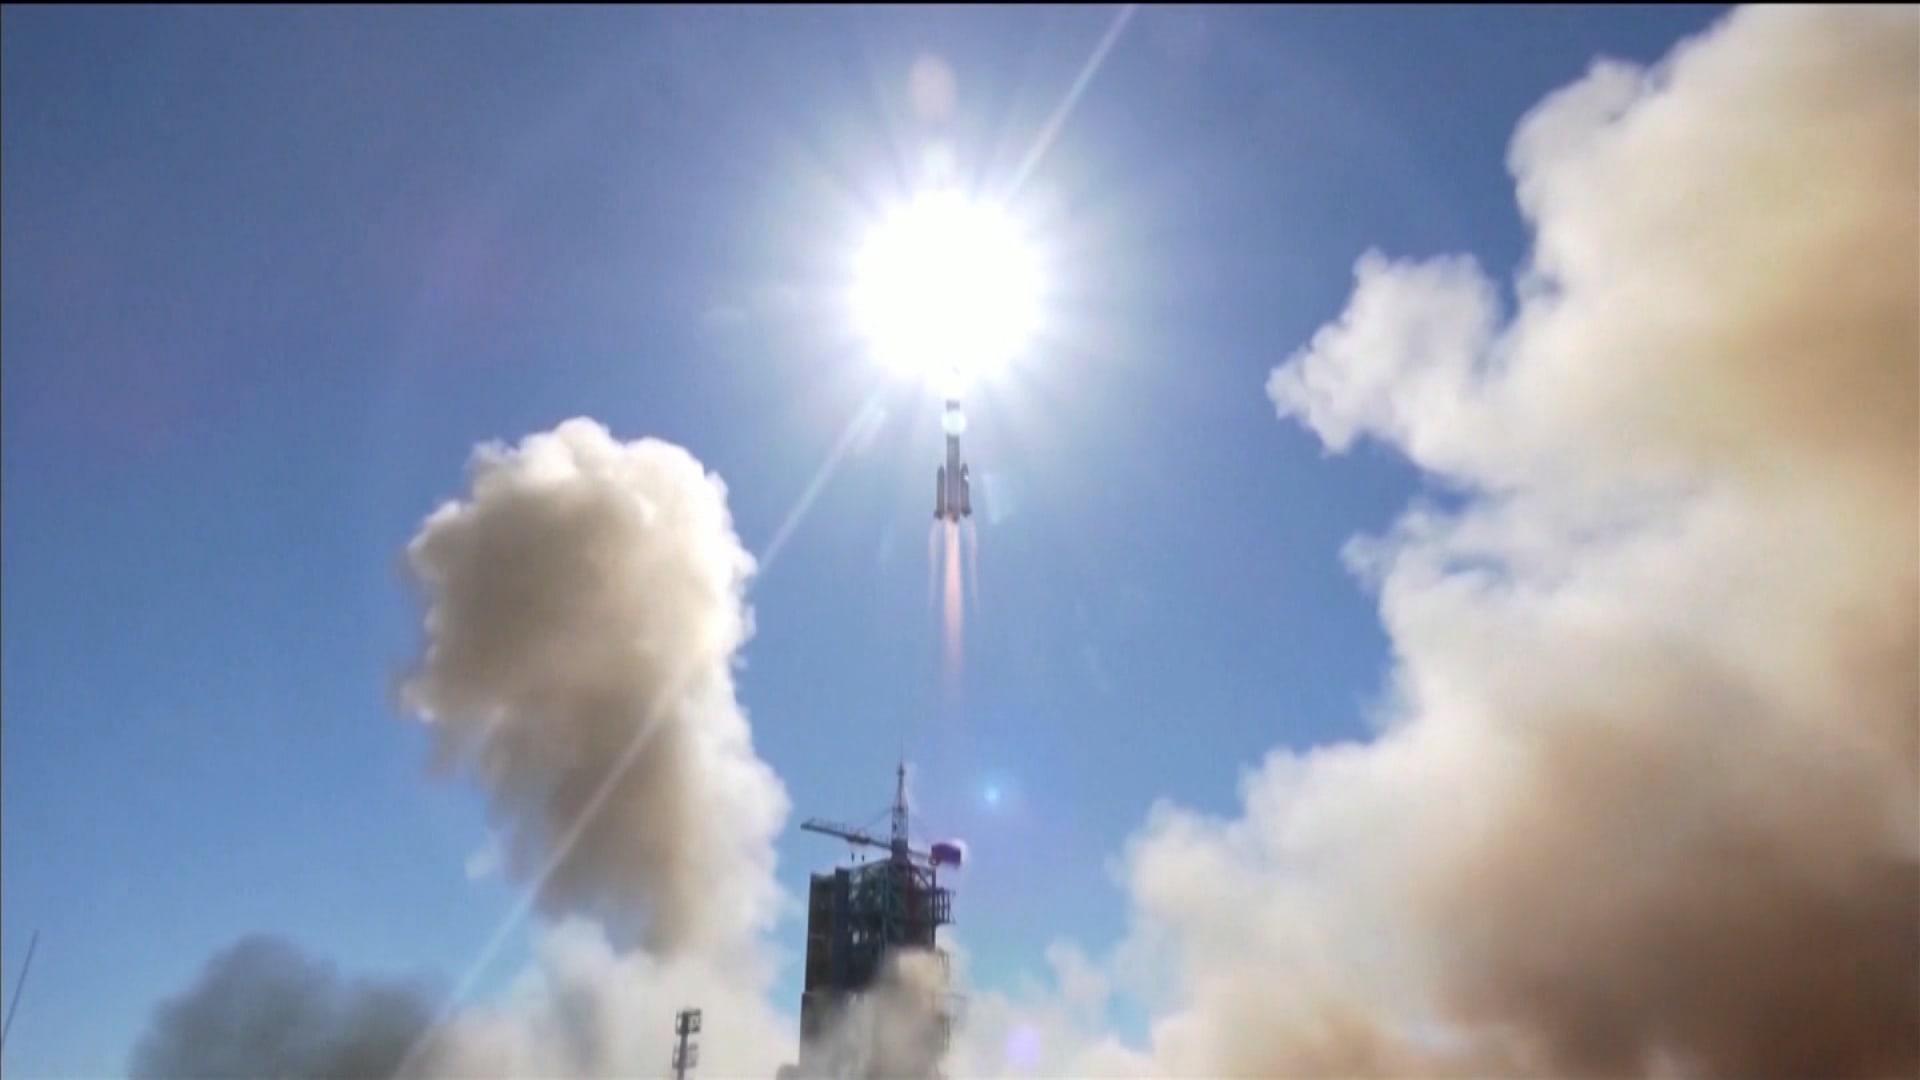 شاهد إطلاق الصين لصاروخ يحمل 3 رواد فضاء إلى محطتها الخاصة